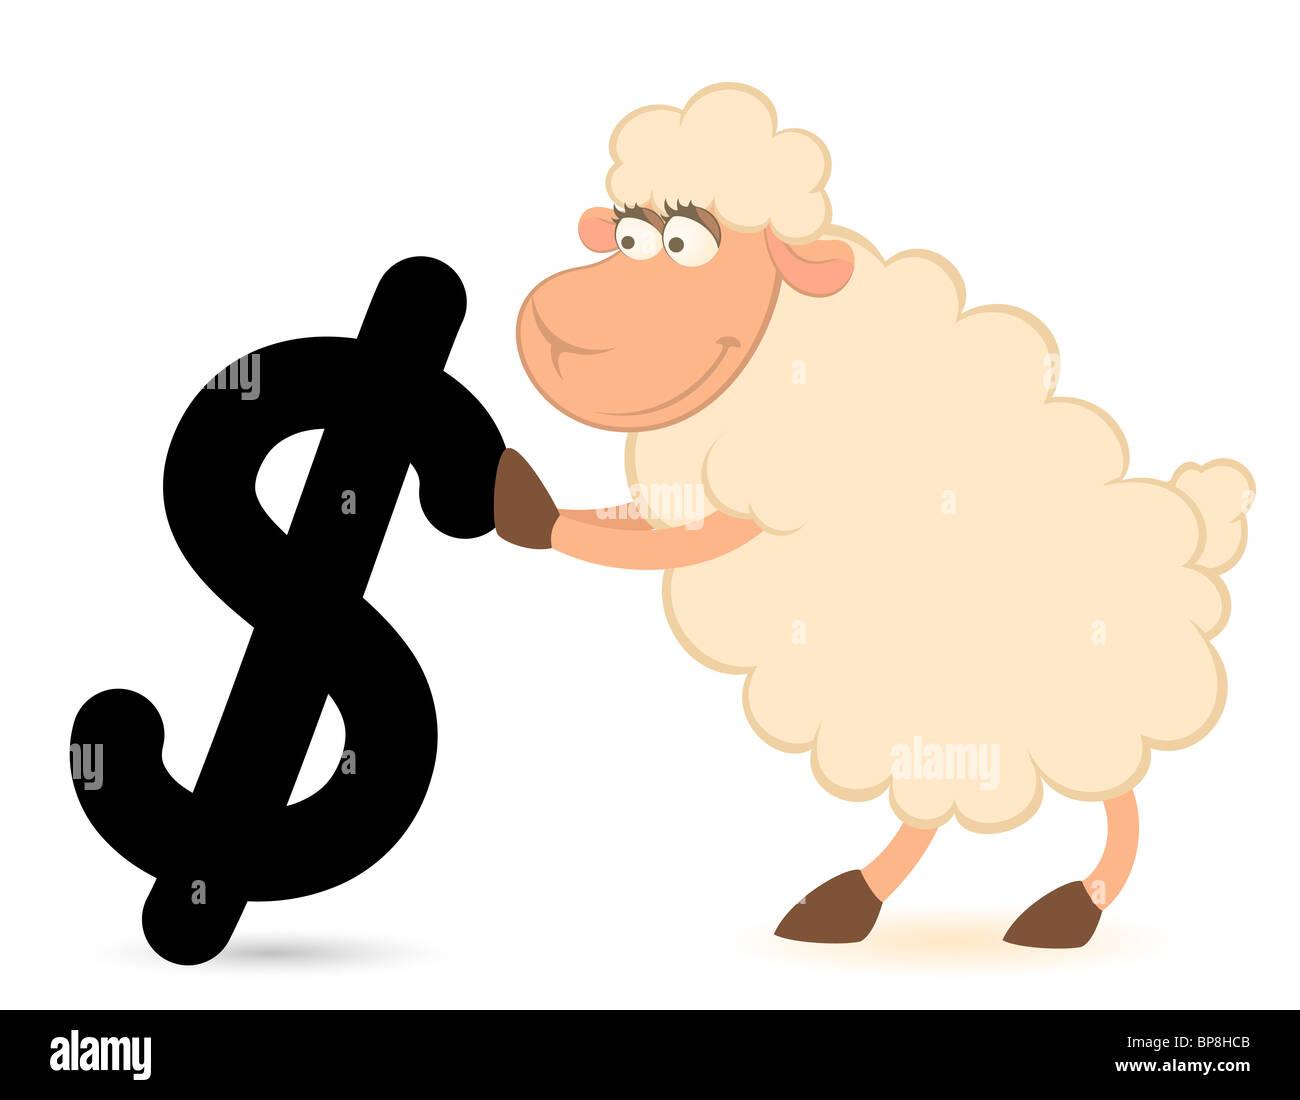 Cartoon pecora con il segno di dollaro su sfondo bianco Immagini Stock